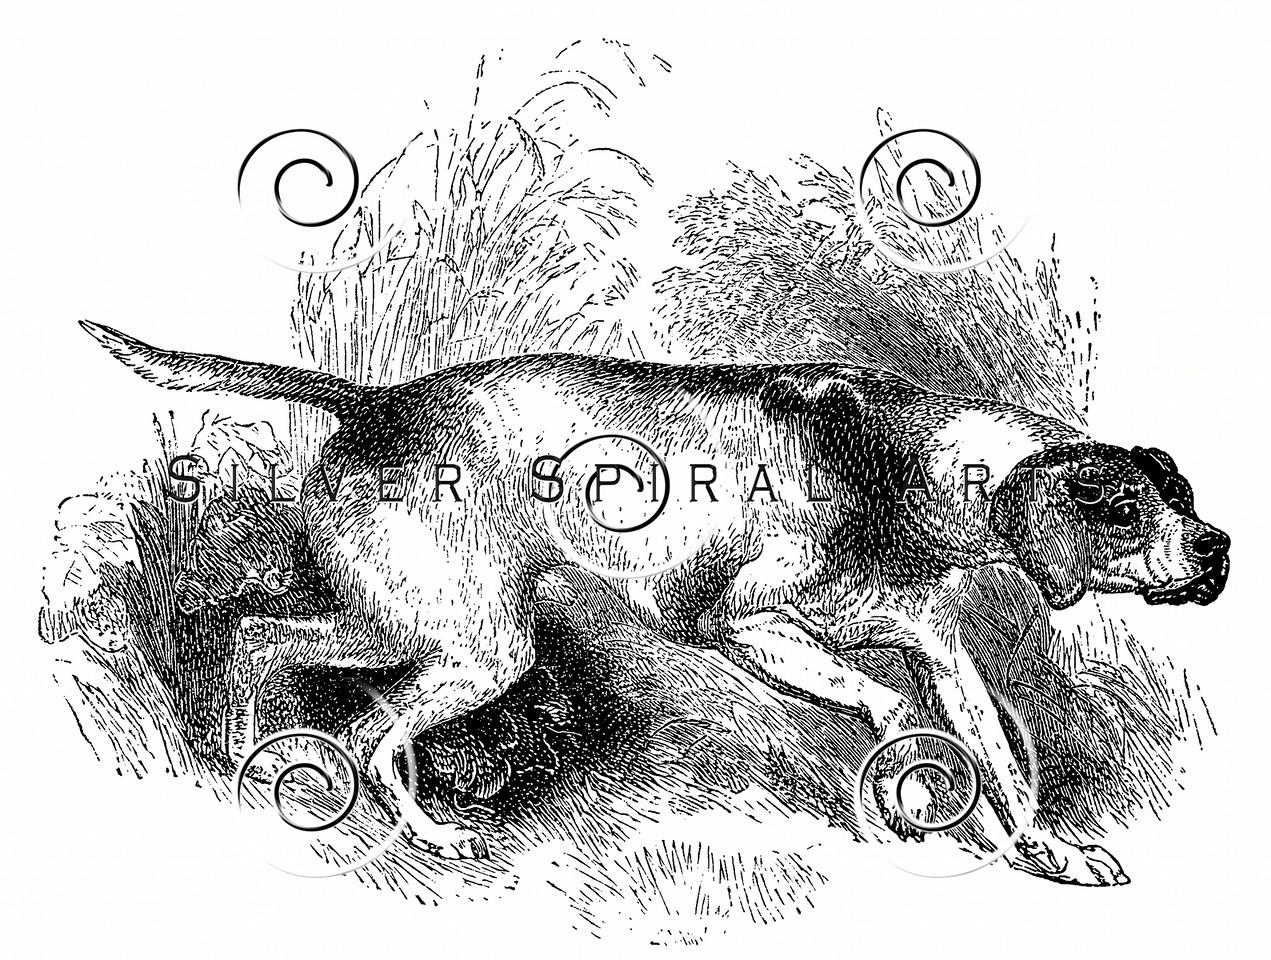 Vintage Pointer Dogs Illustration - 1800s Dog Images